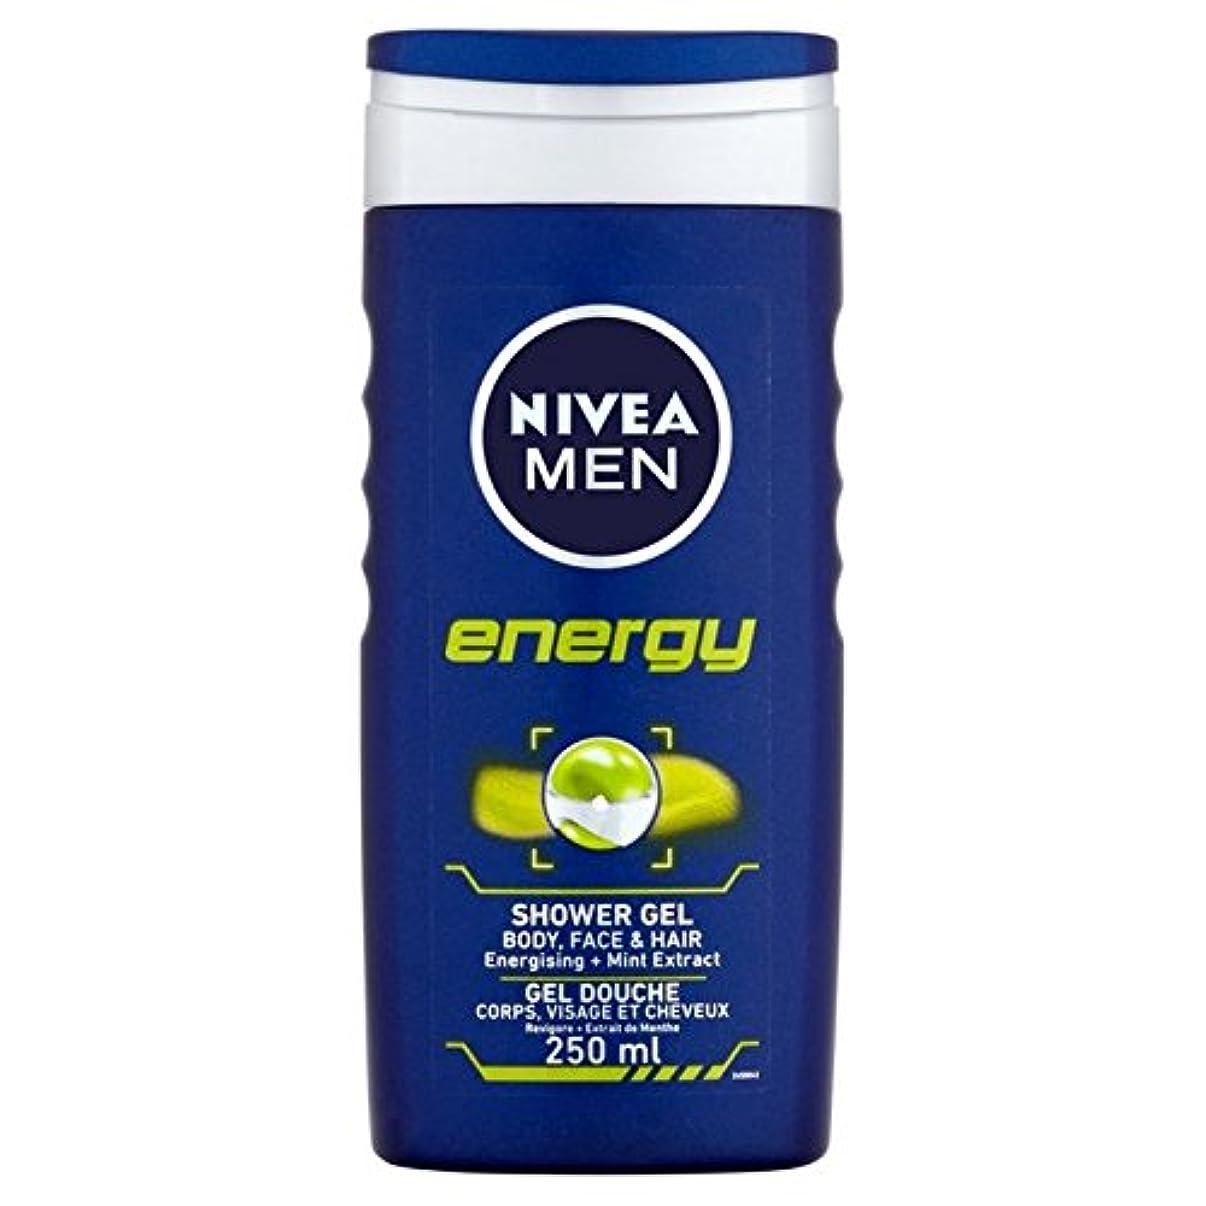 人間強制肥満Nivea Men Energy 2 in 1 Shower 250ml - 1つのシャワー250ミリリットル中ニベアの男性のエネルギー2 [並行輸入品]